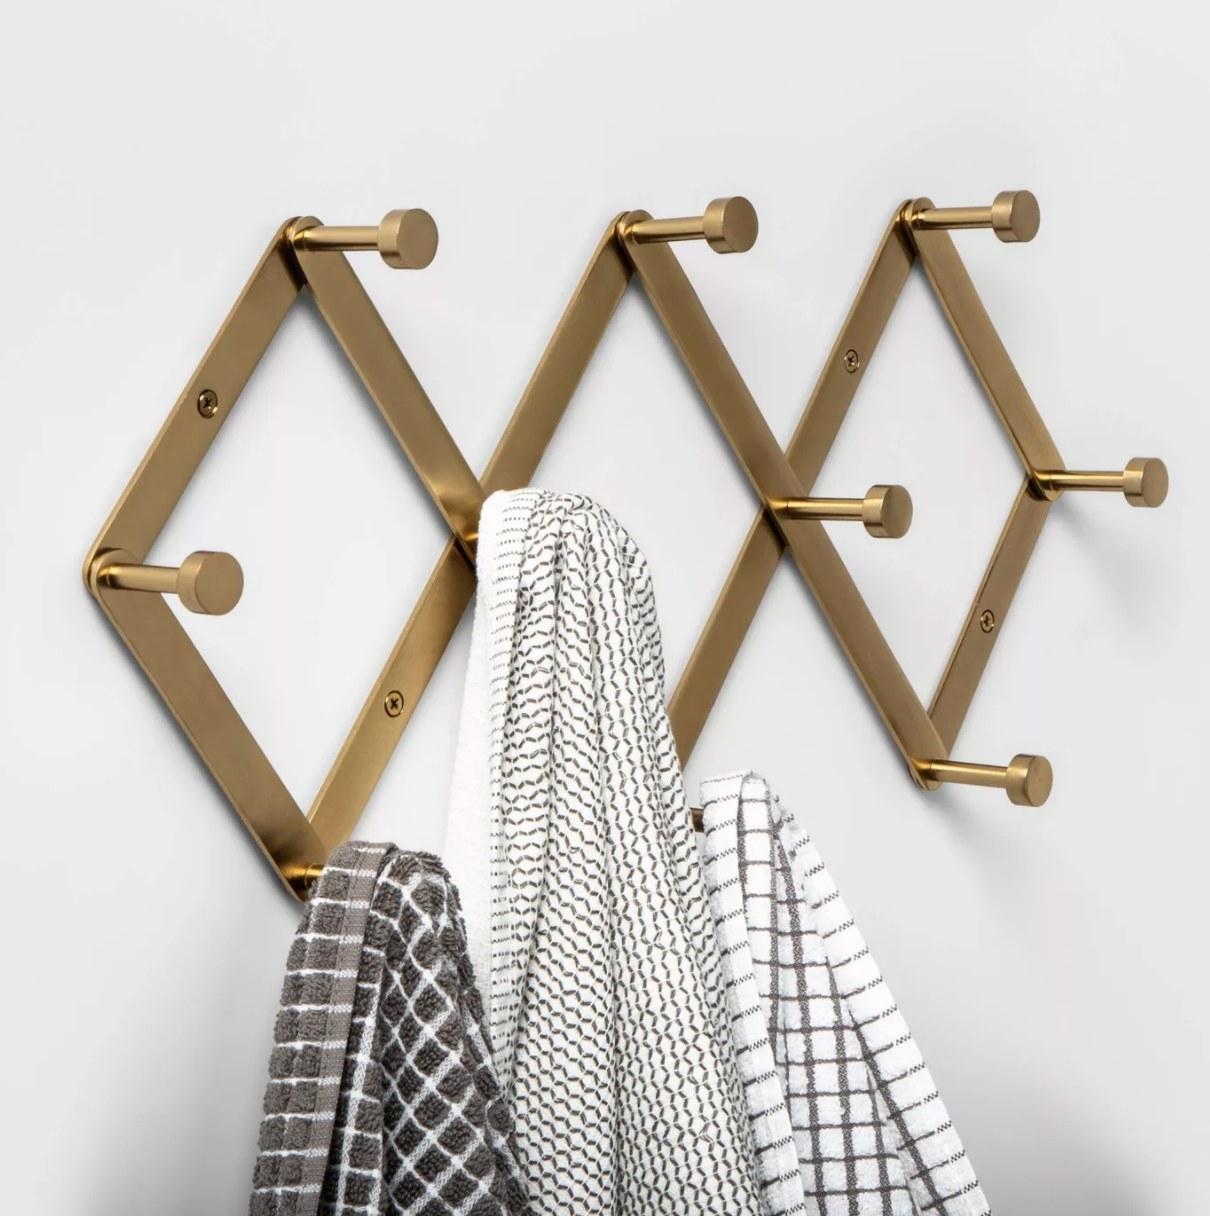 The brass hook rack